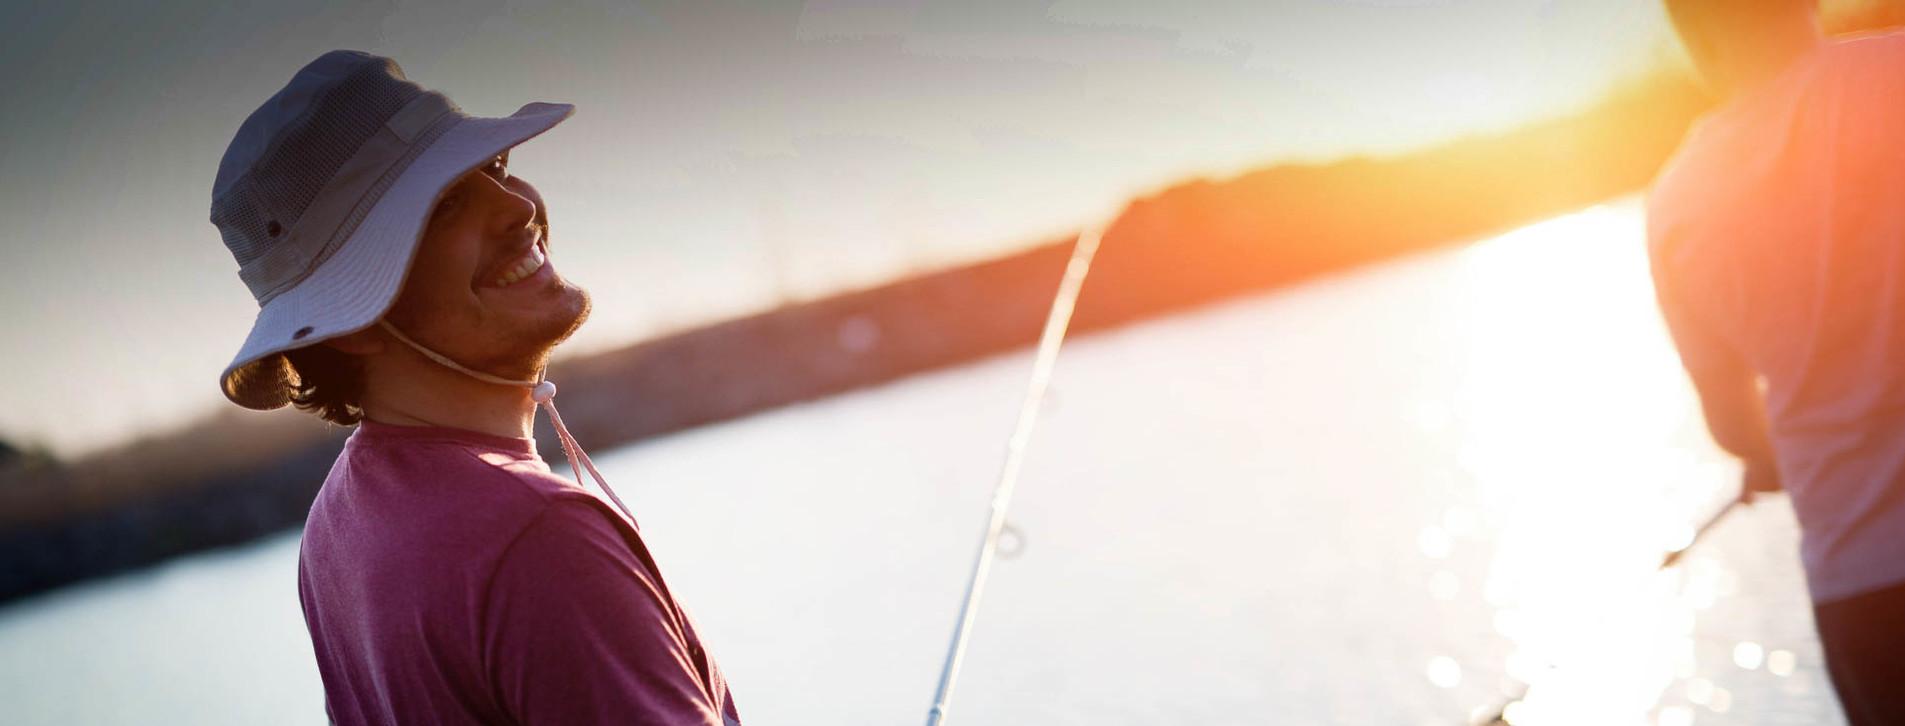 Фото 1 - День на рыбалке для двоих